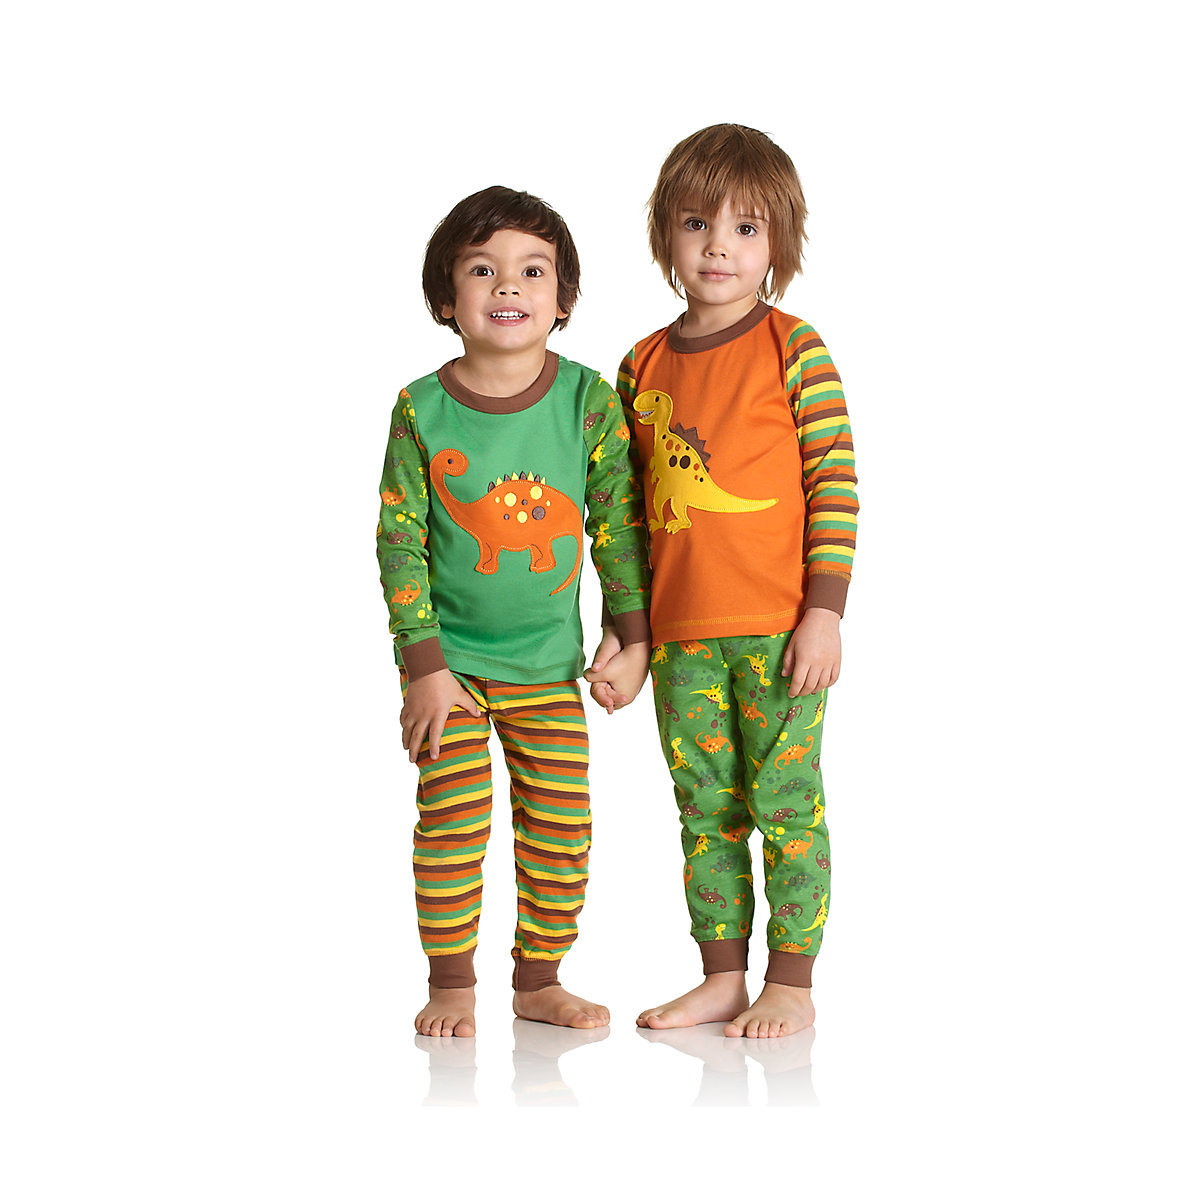 Mothercare Dinosaur Pyjamas- 2 Pack - Dinosaur Gifts